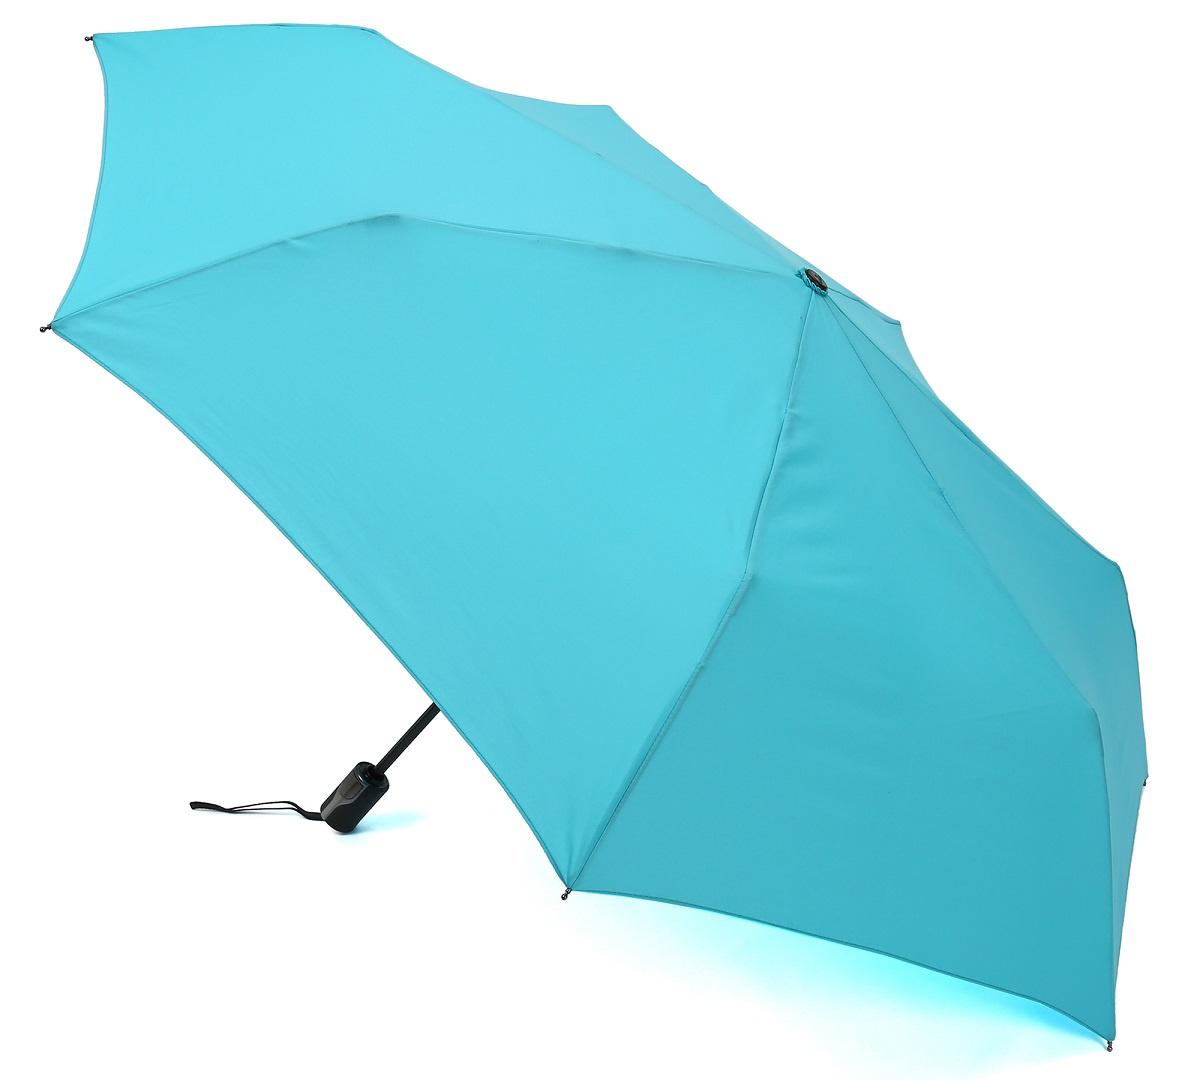 Зонт Три слона 365-D, бирюзовый